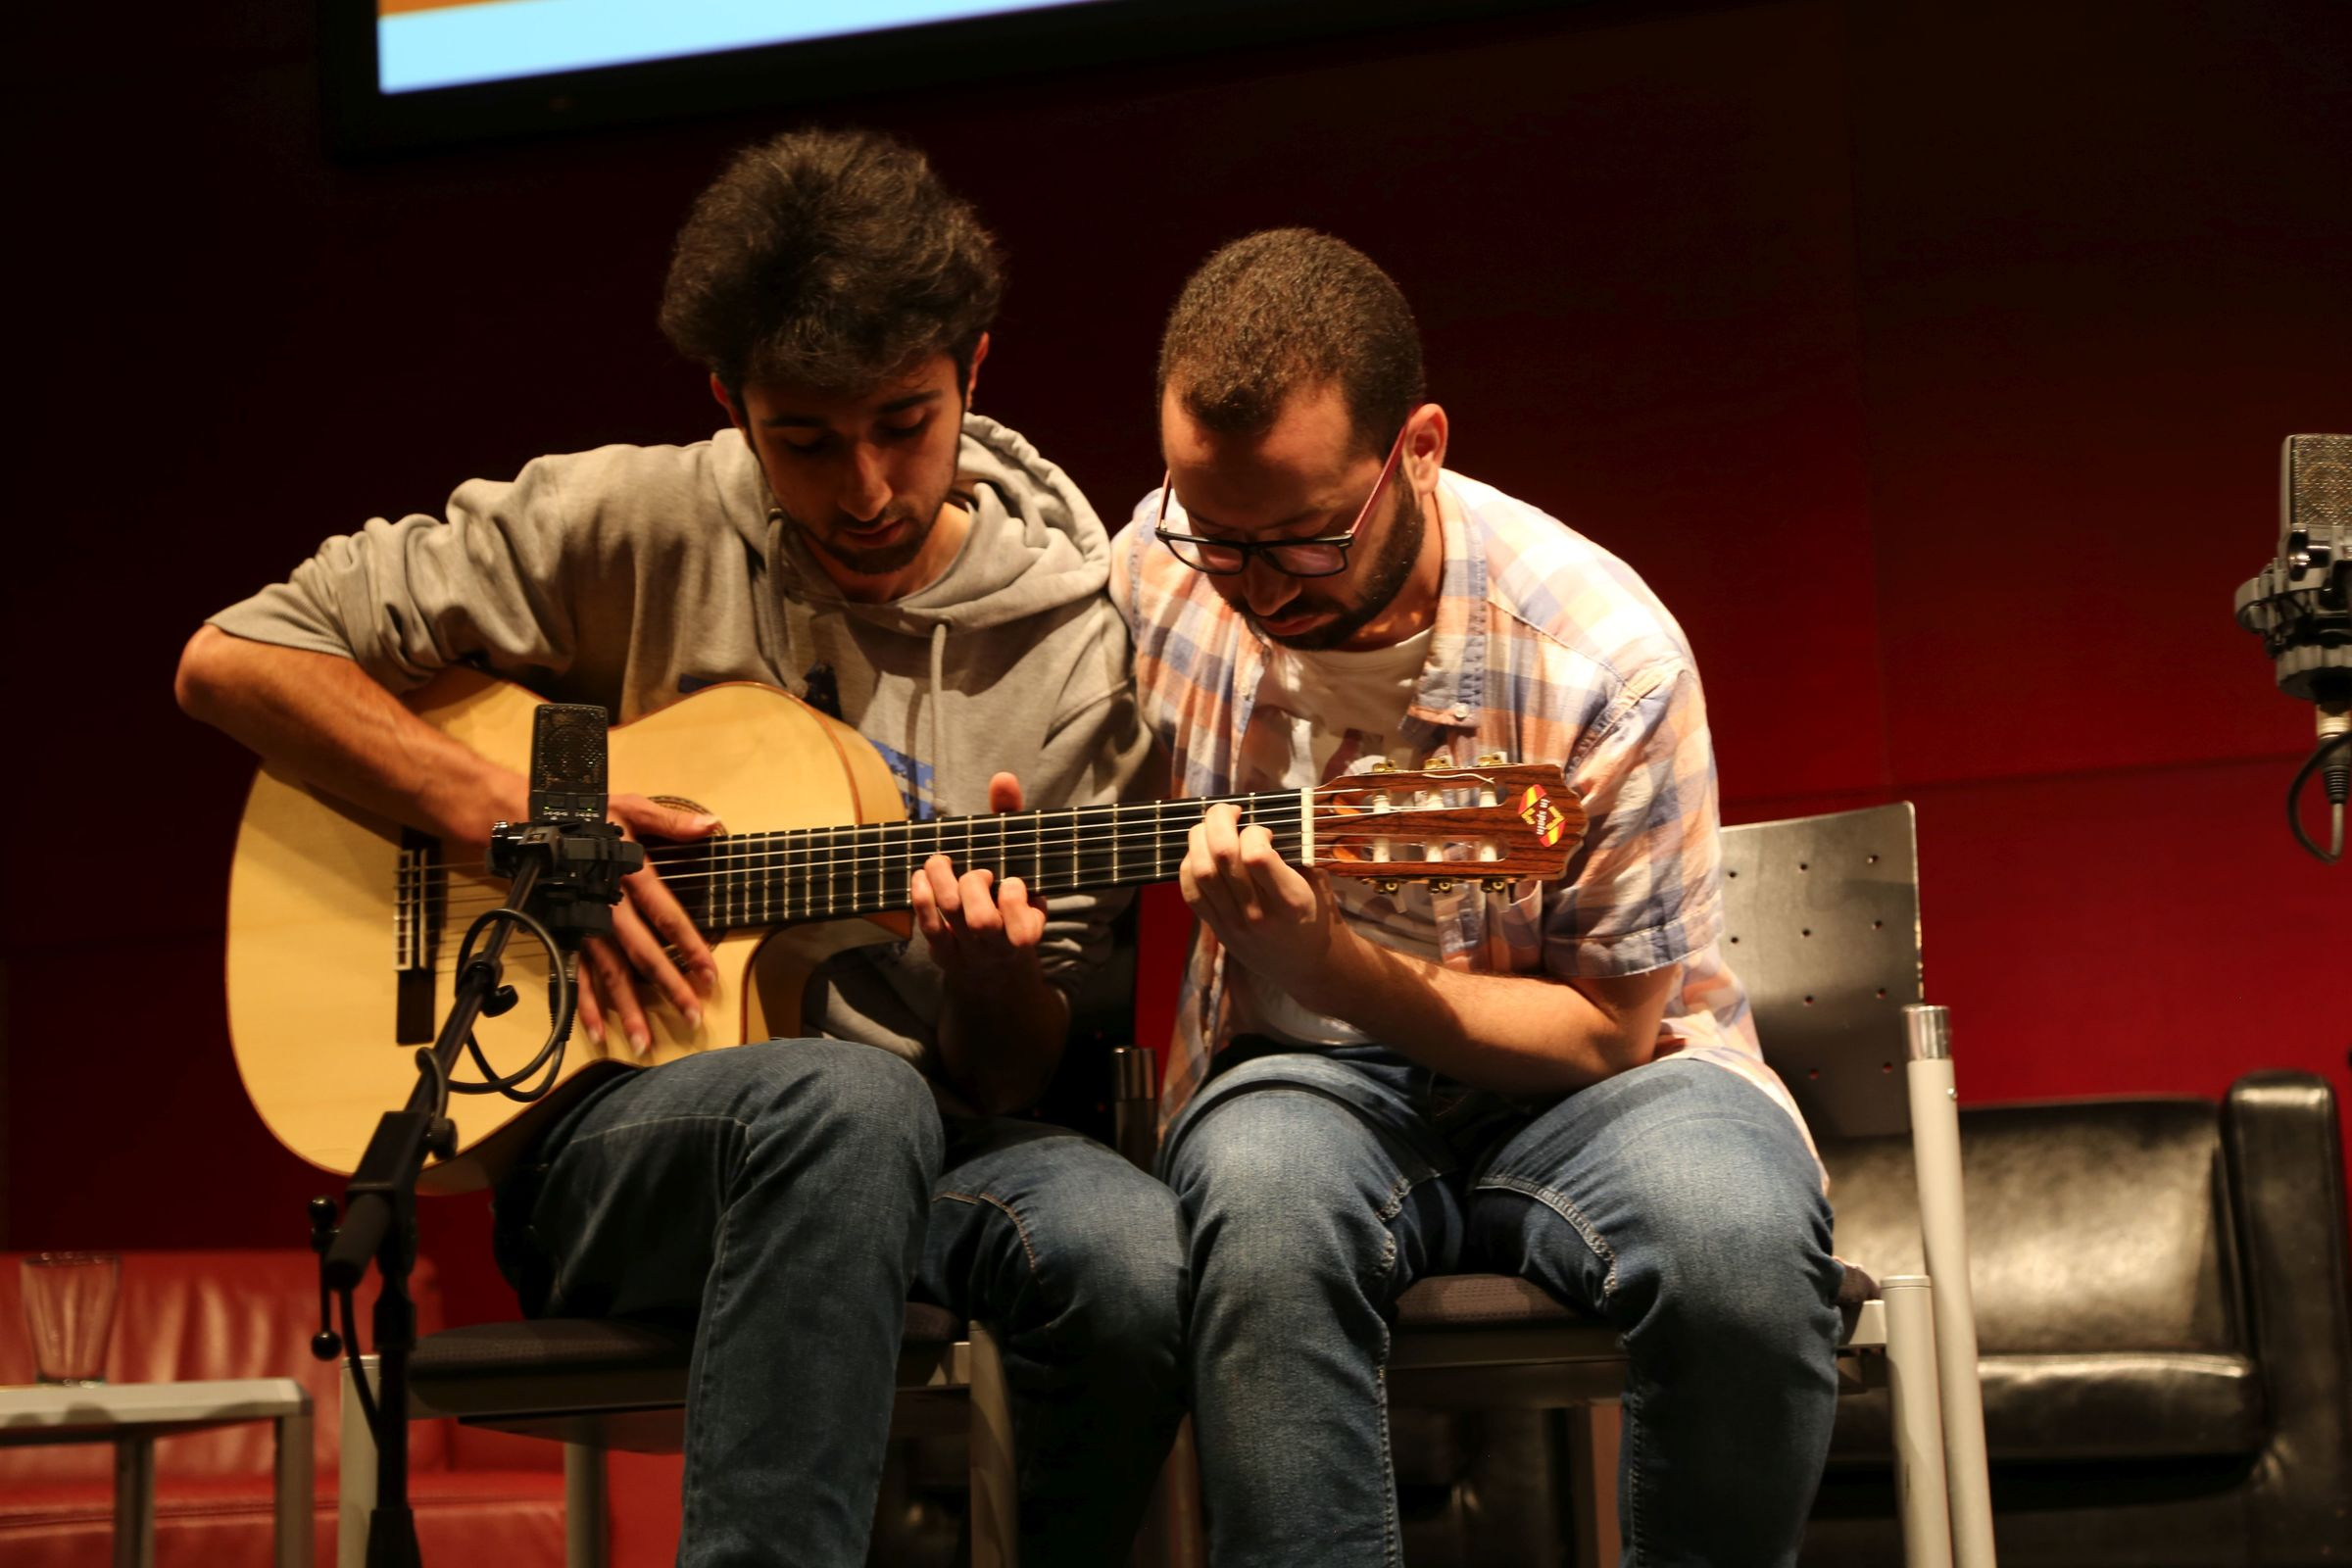 Abdullah Baghdadi und Mohamad Mulham Abo Radan sorgten mit ihren Gitarren für die musikalische Begleitung der Veranstaltungen. Beide kommen aus Syrien und warten auf ihren Asylbescheid. Seit sechs Monaten lernen sie Deutsch und geben Konzerte.